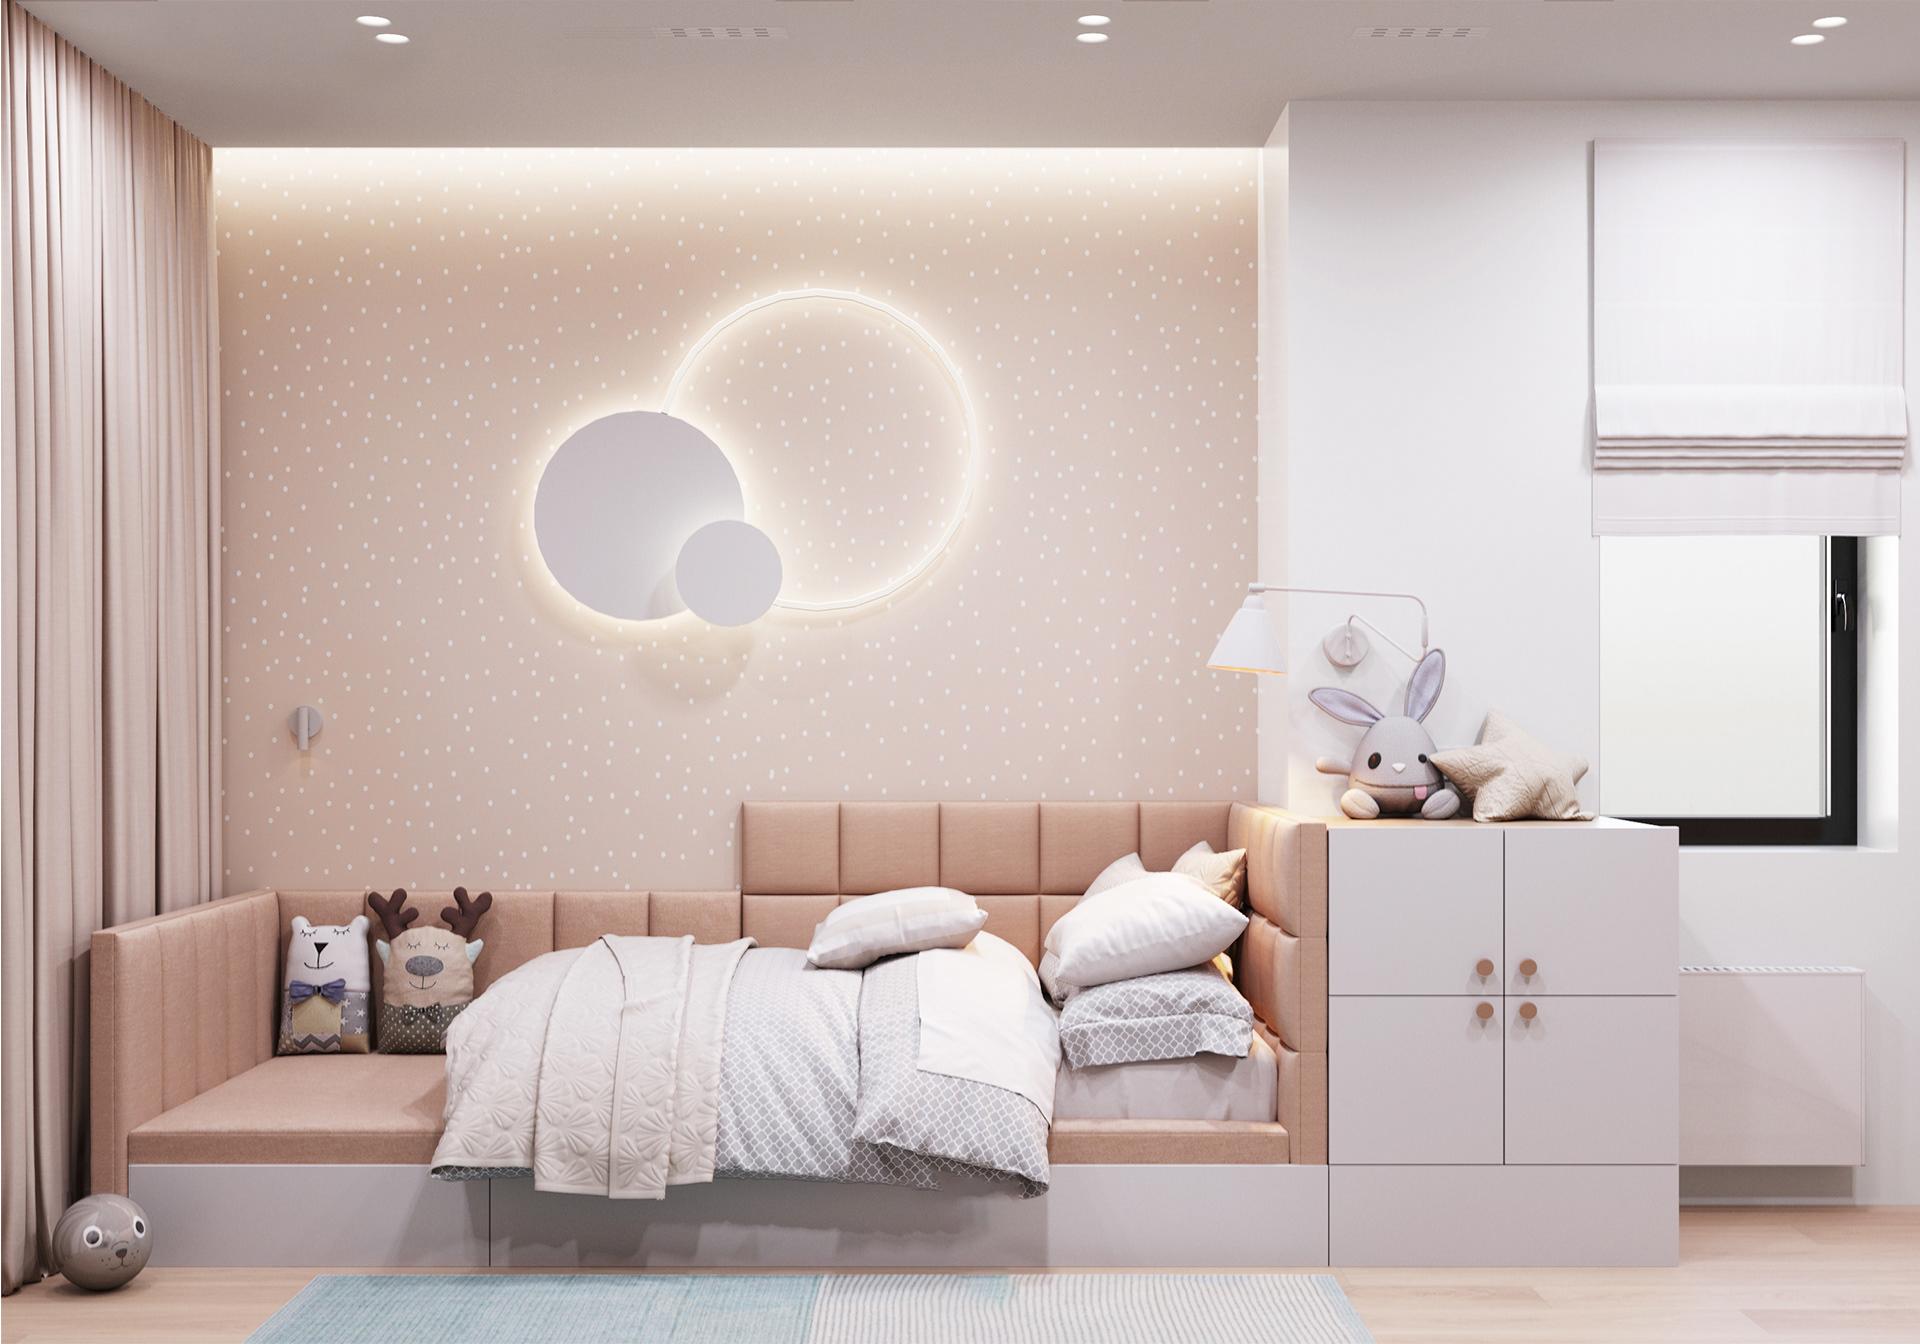 Kiến trúc sư tư vấn thiết kế căn hộ  50m² cho 3 người, chi phí tiết kiệm chỉ 114 triệu đồng - Ảnh 10.